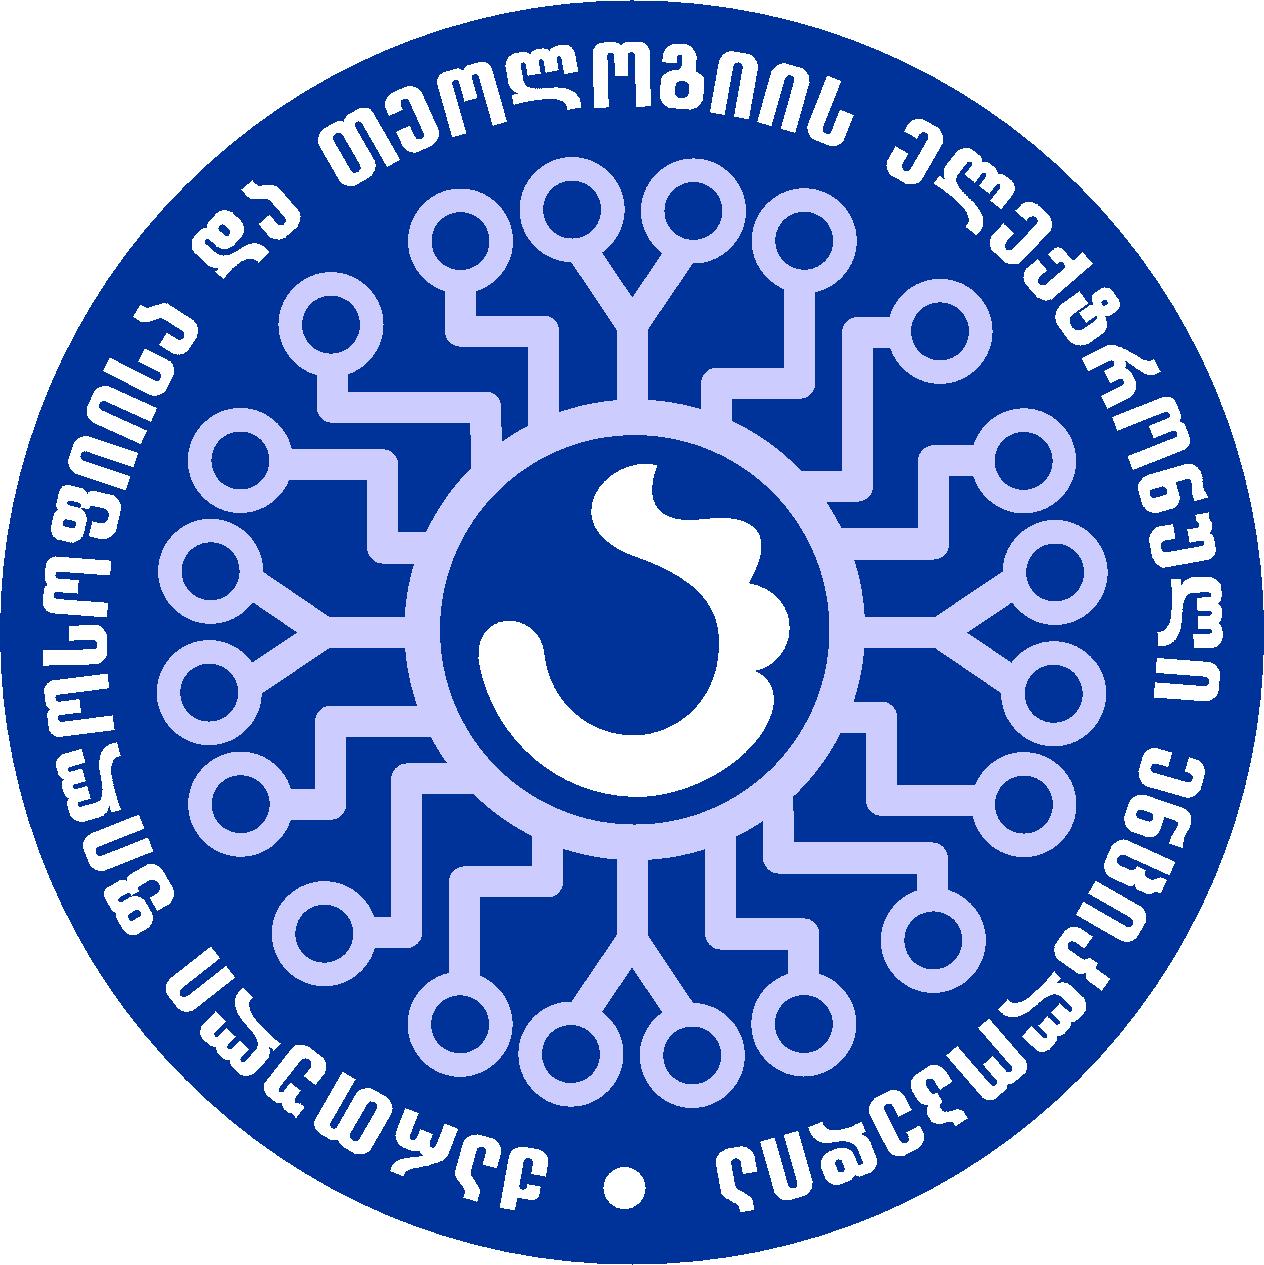 ქართული ფილოსოფიისა და თეოლოგიის ენციკლოპედია